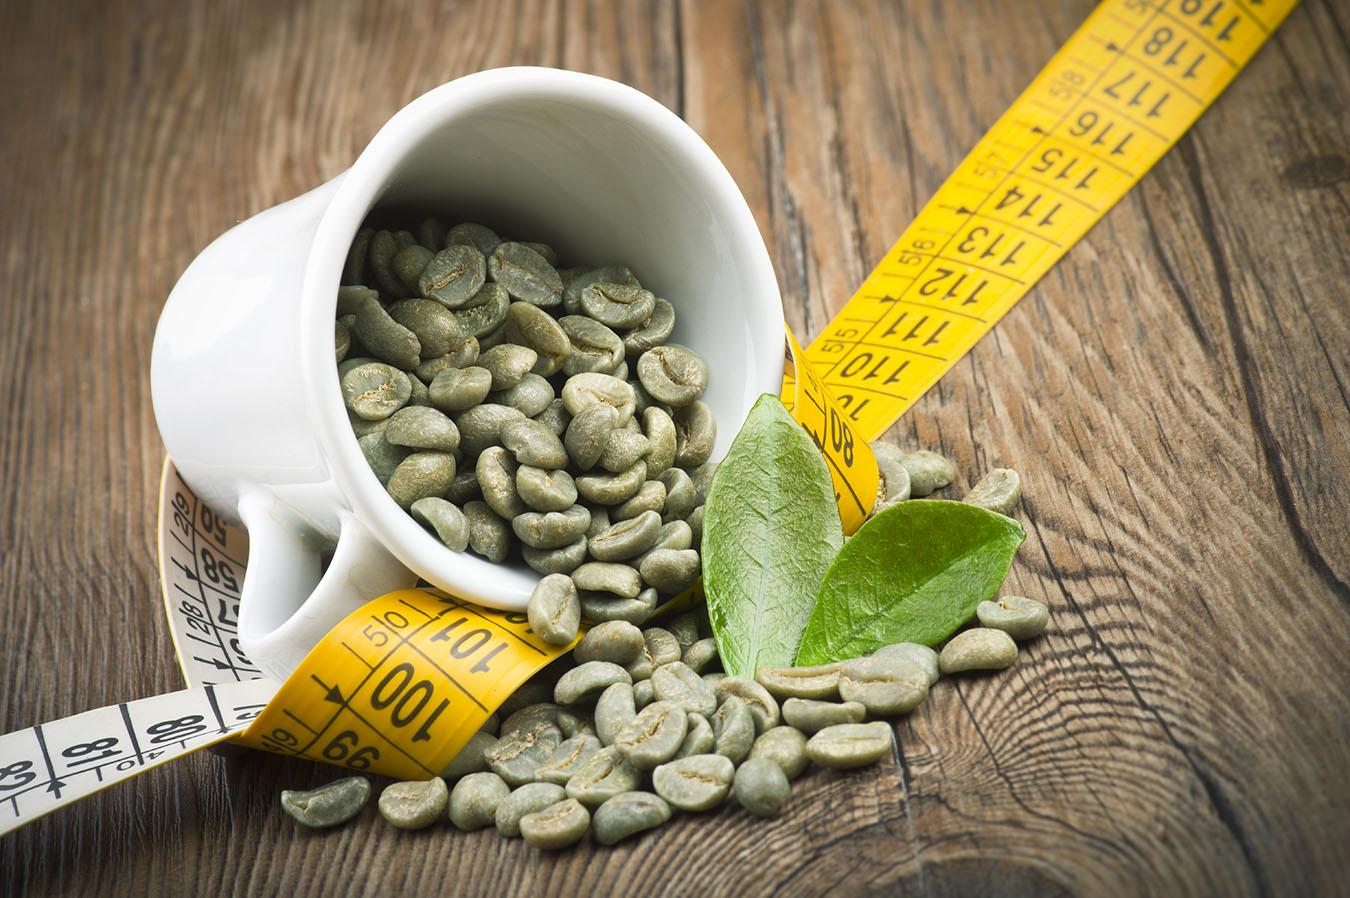 Похудение На Зеленом Кофе. Зеленый кофе для похудения это древние рецепты целебных свойств напитка